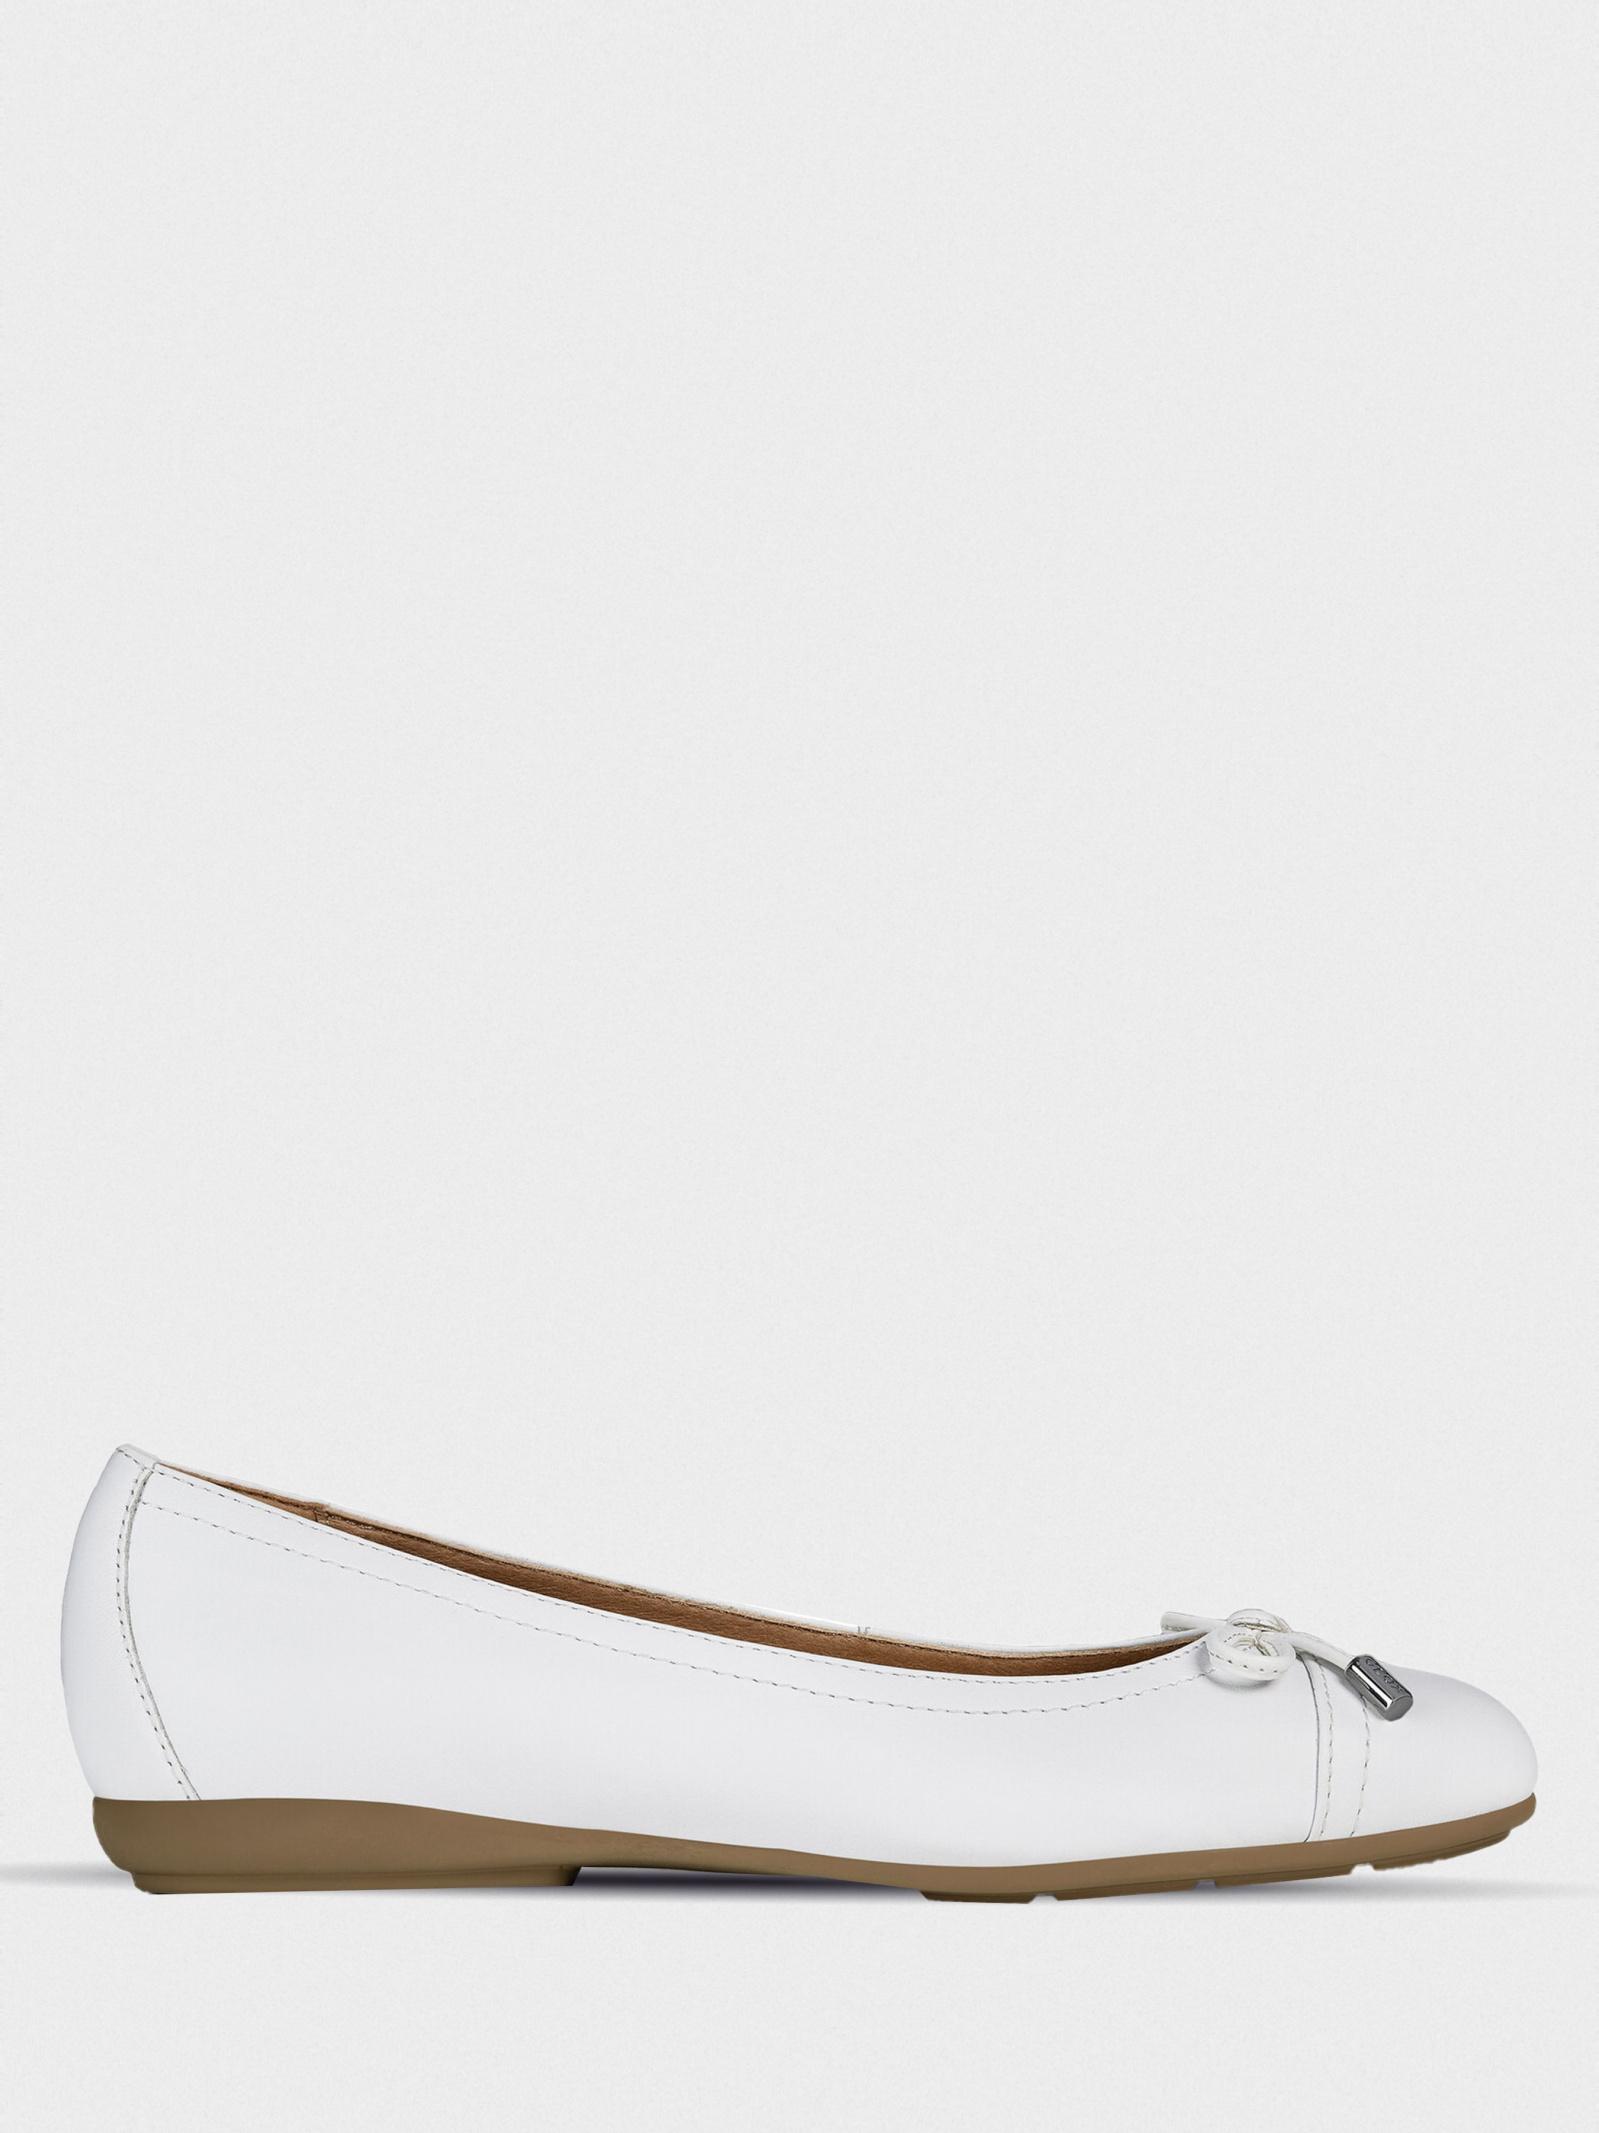 Балетки для женщин Geox D ANNYTAH XW3986 купить обувь, 2017